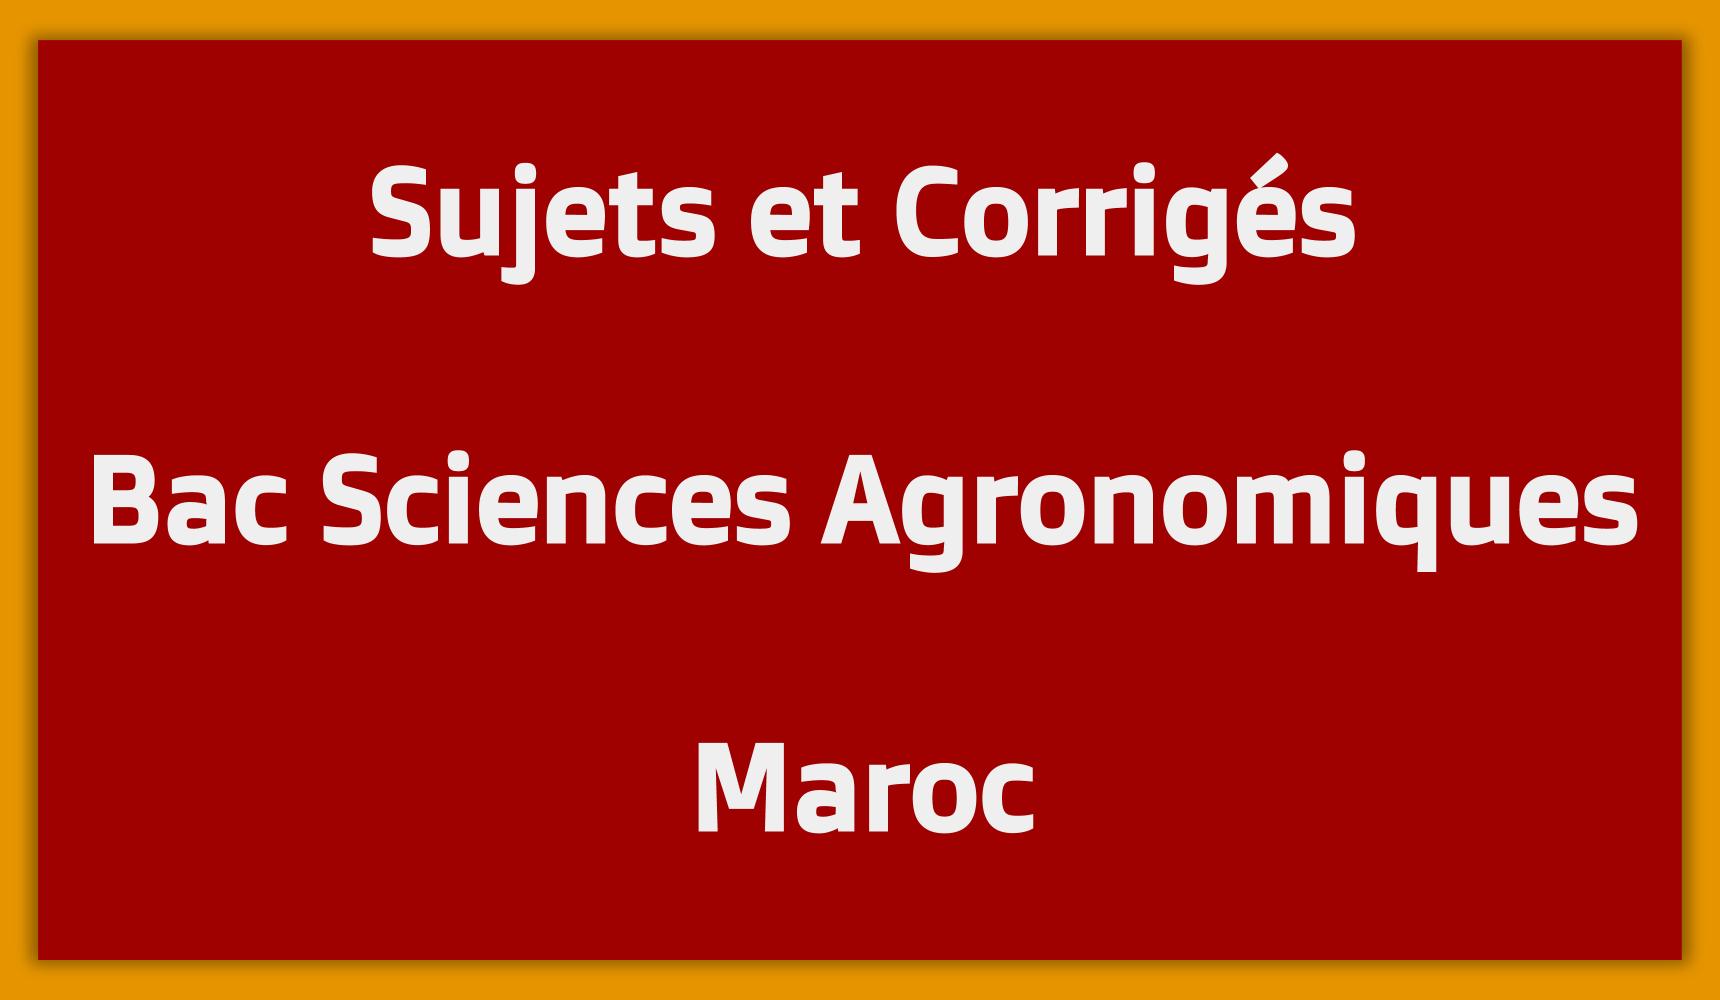 Sujets Corrigés Bac Sciences Agronomiques Maroc